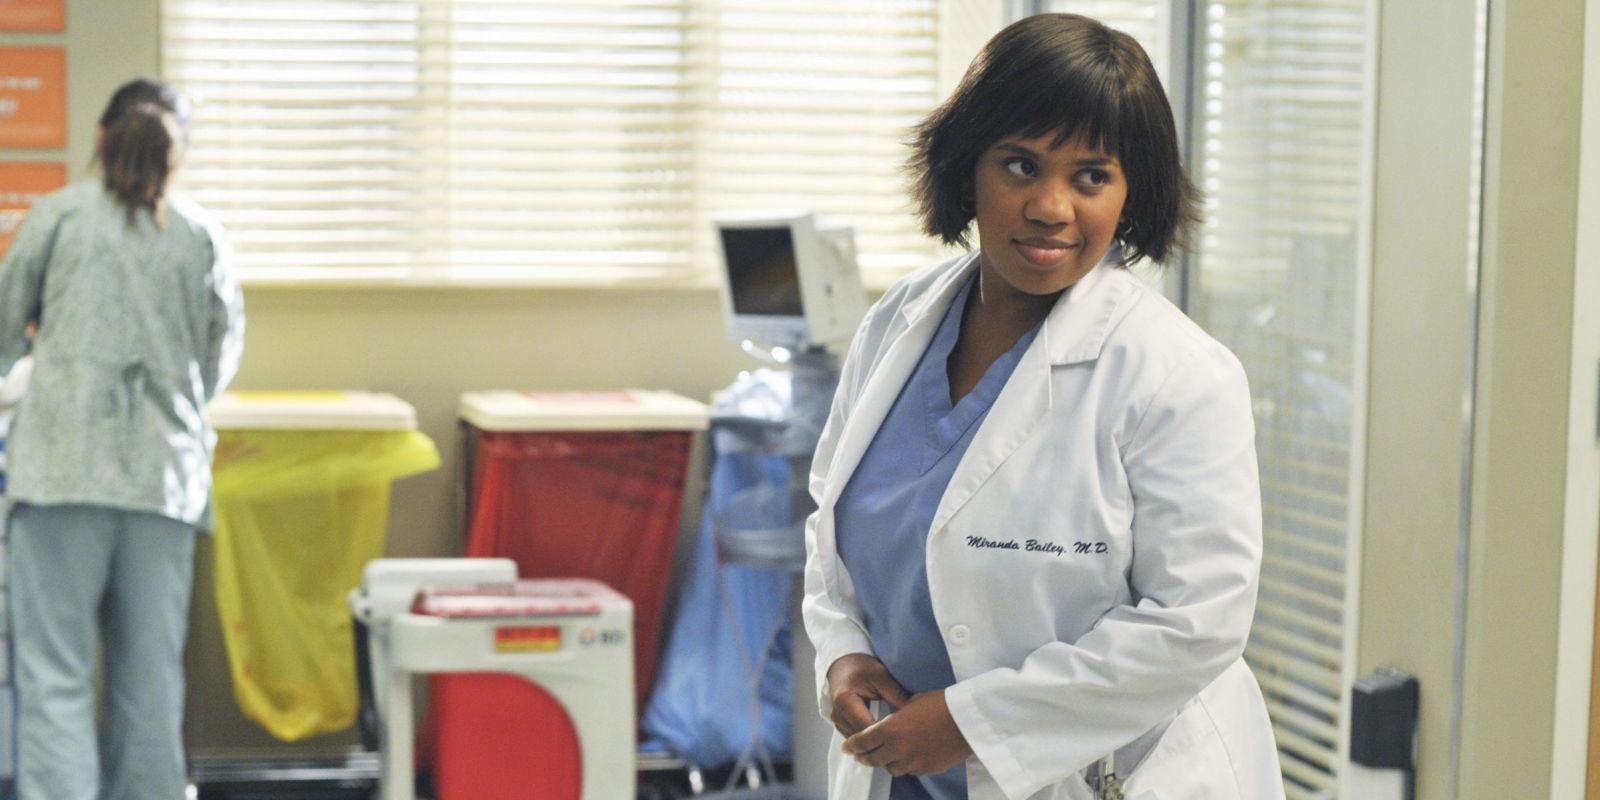 Grey's Anatomy Chandra Wilson Chooses Miranda Bailey's 10 ...